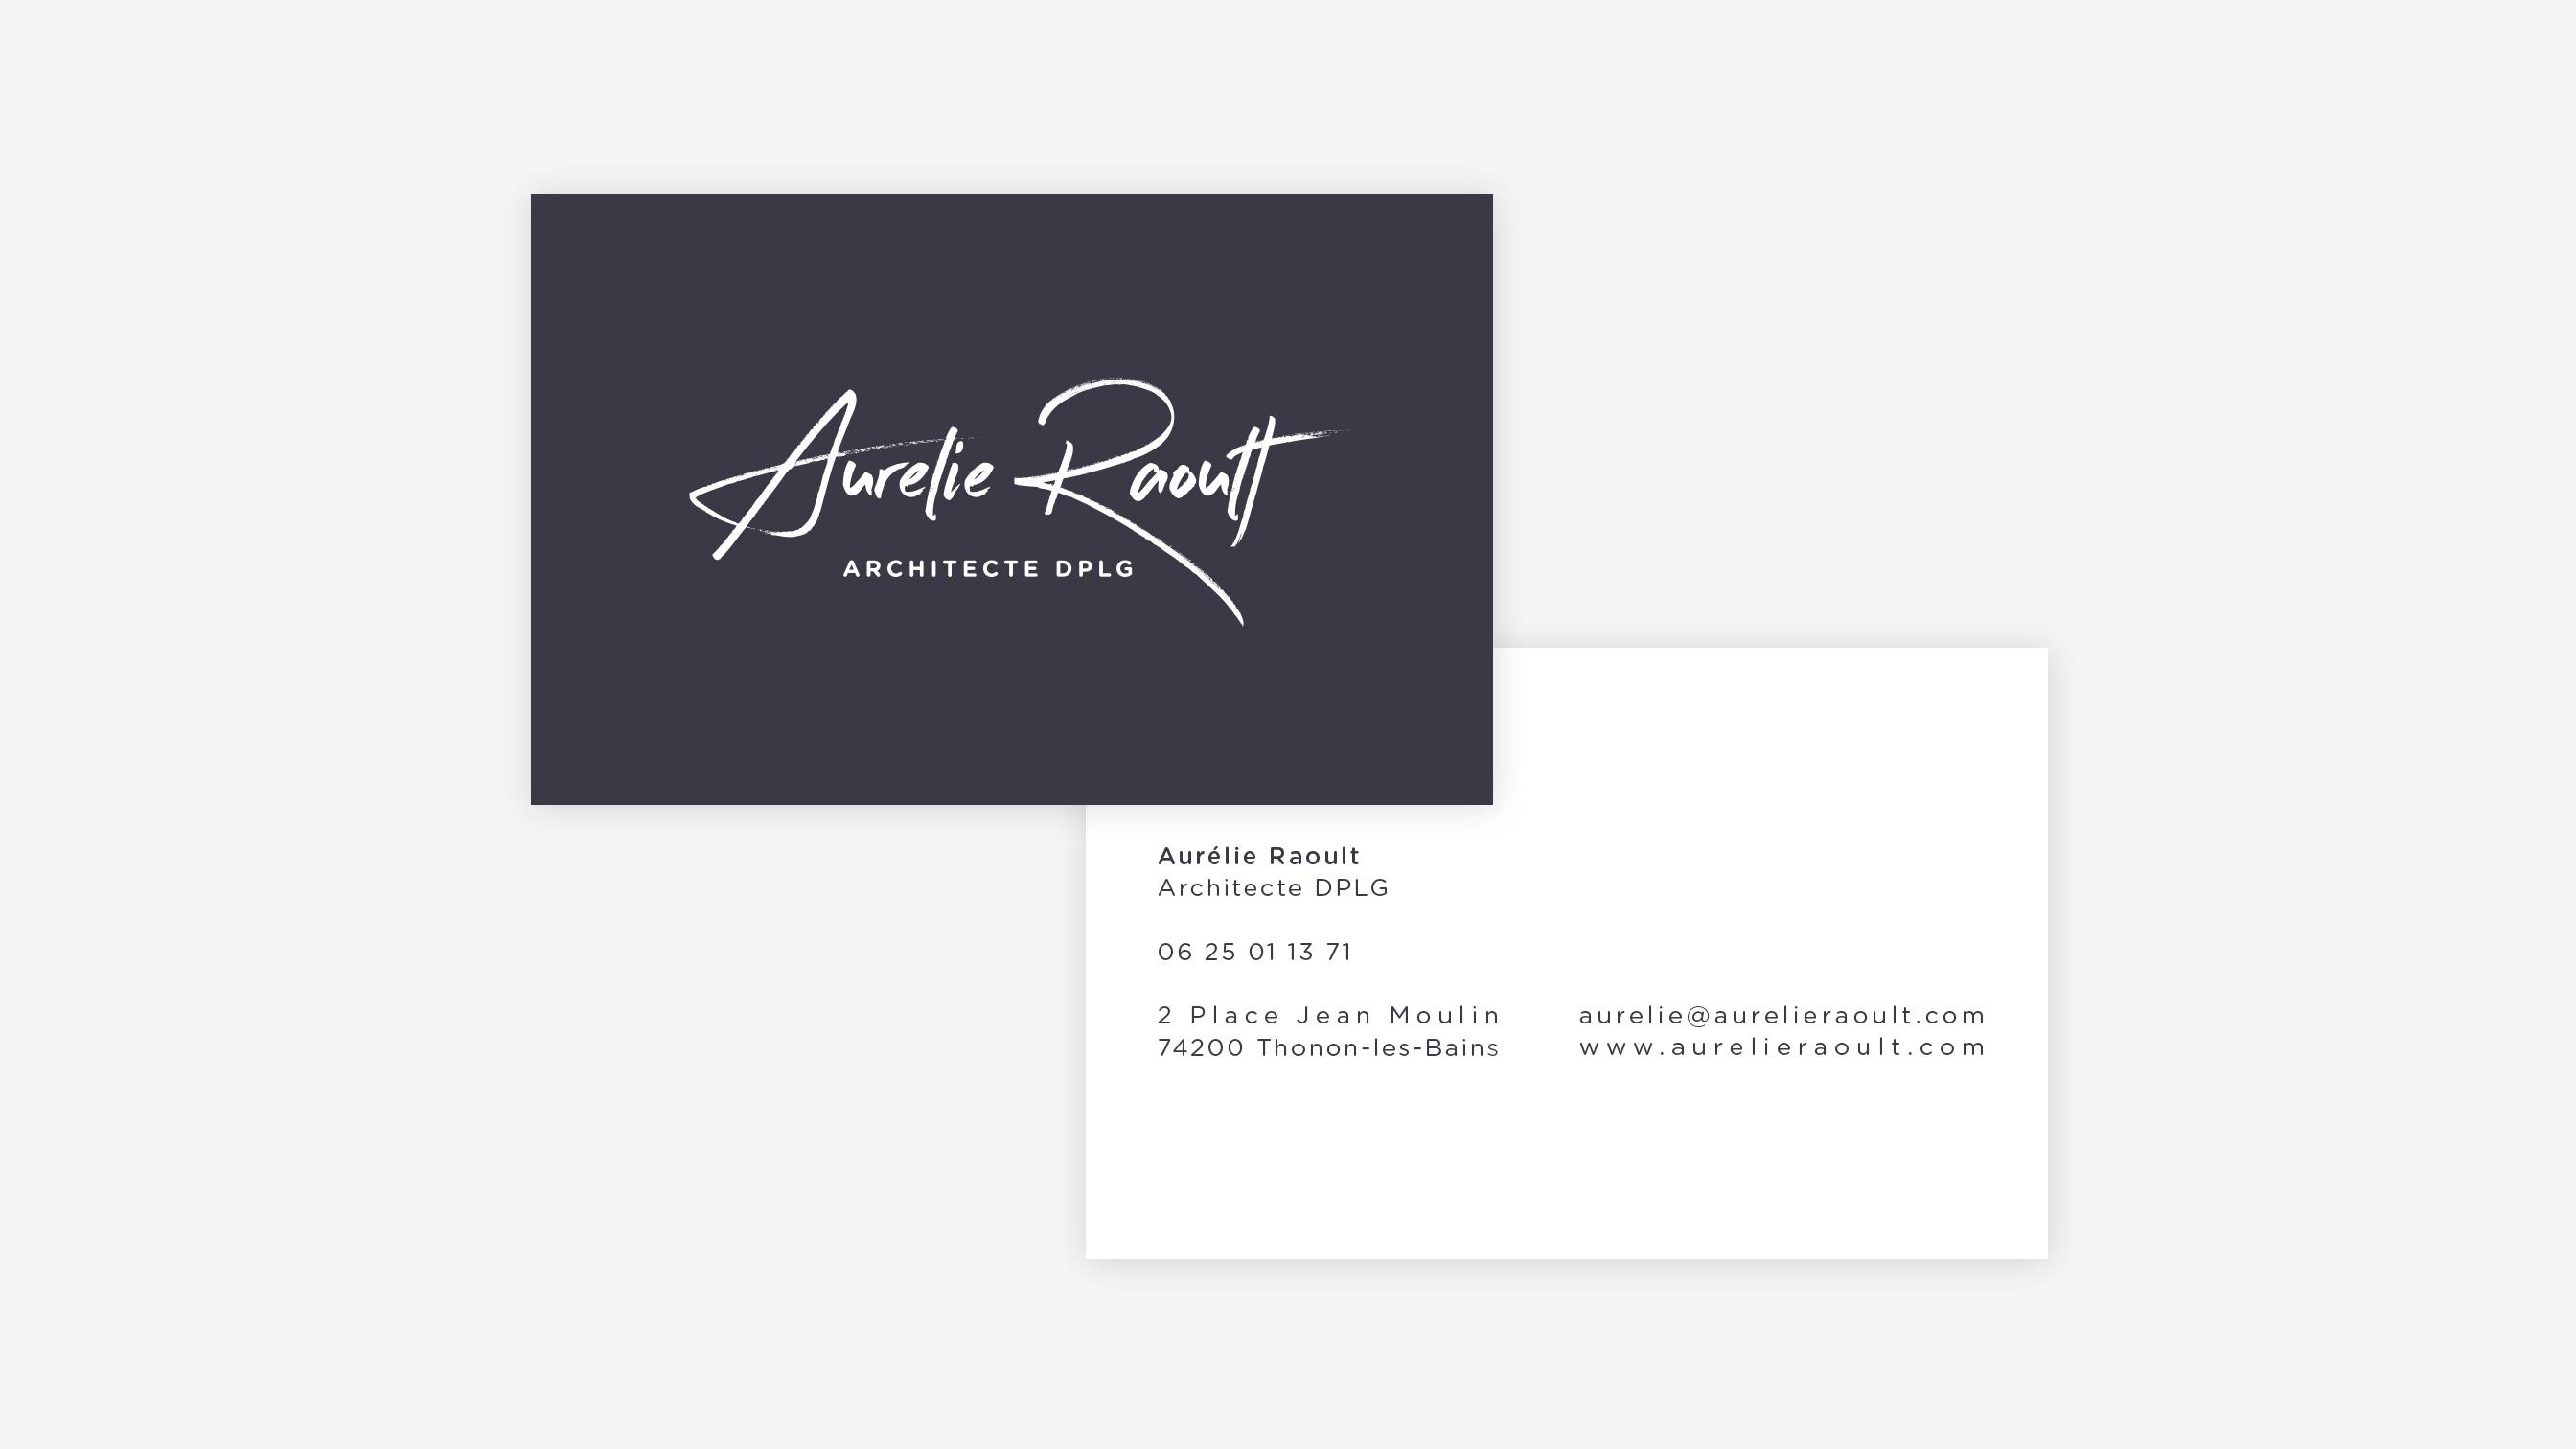 02-aurelie-raoult-pikteo-webdesign-graphic-design-freelance-paris-bruxelles-londres